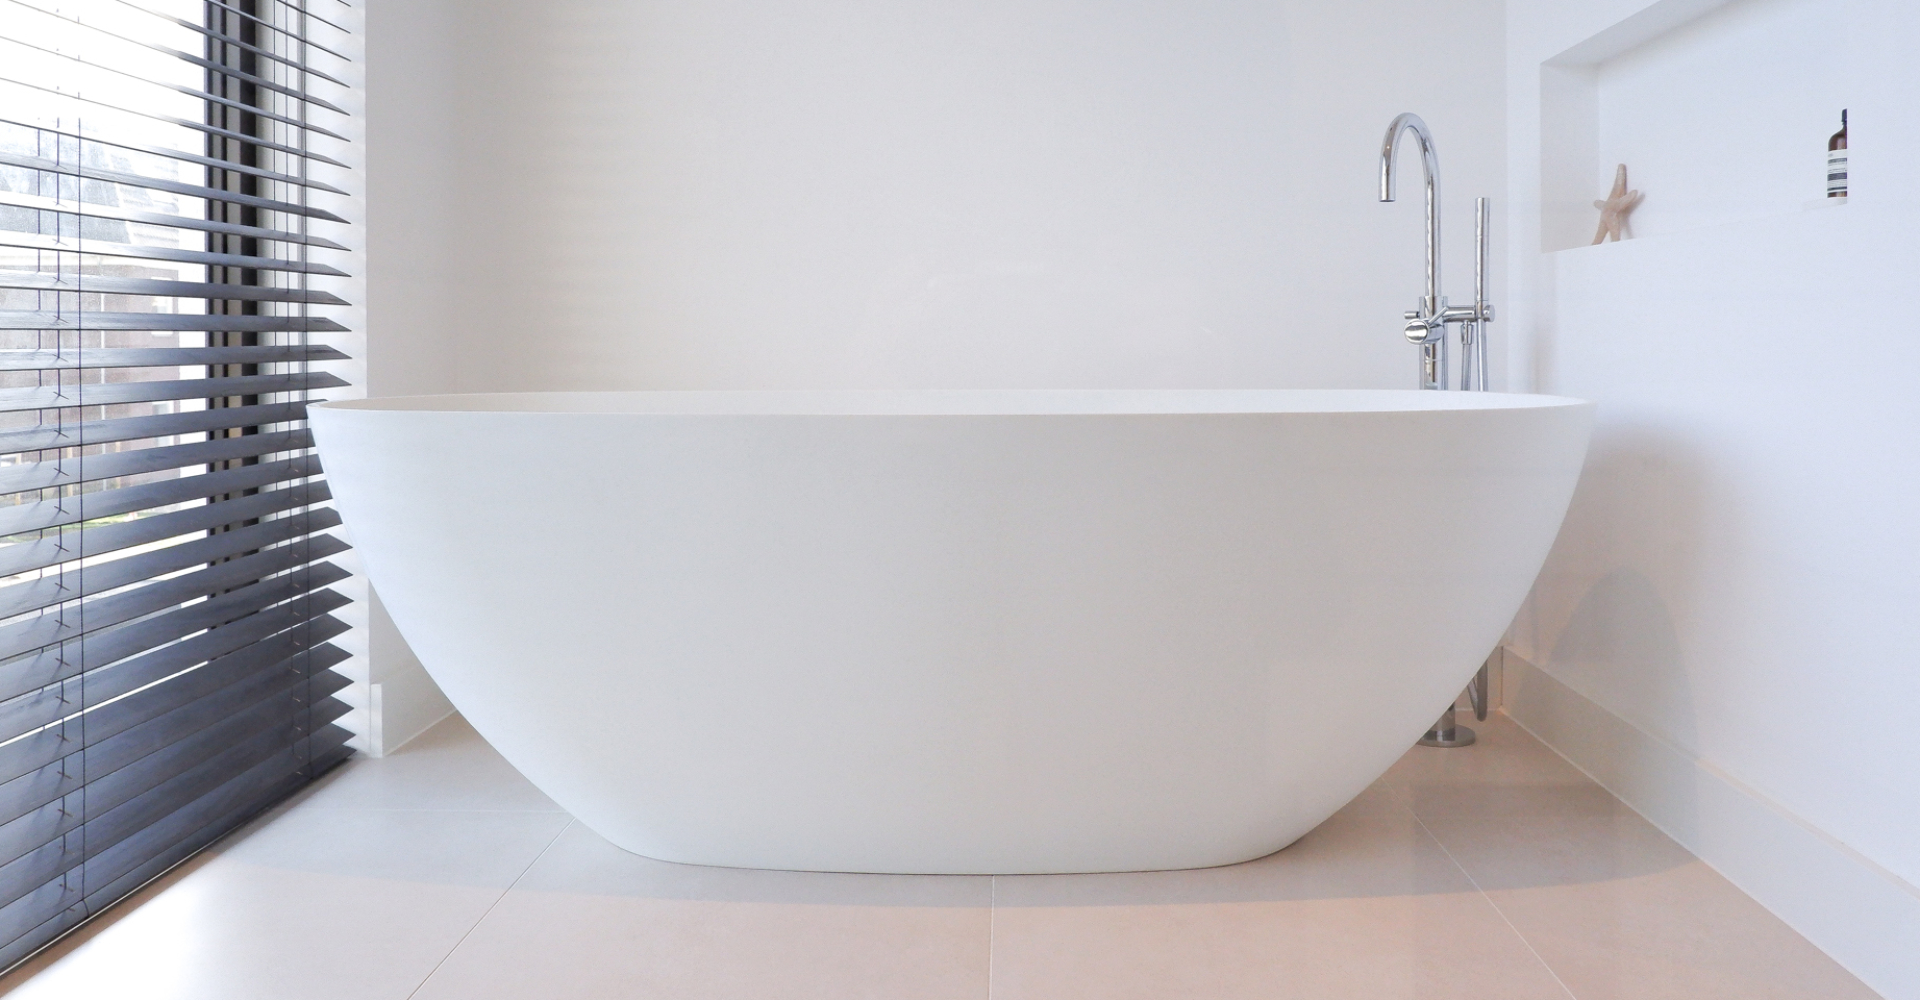 badkamer interieurontwerp